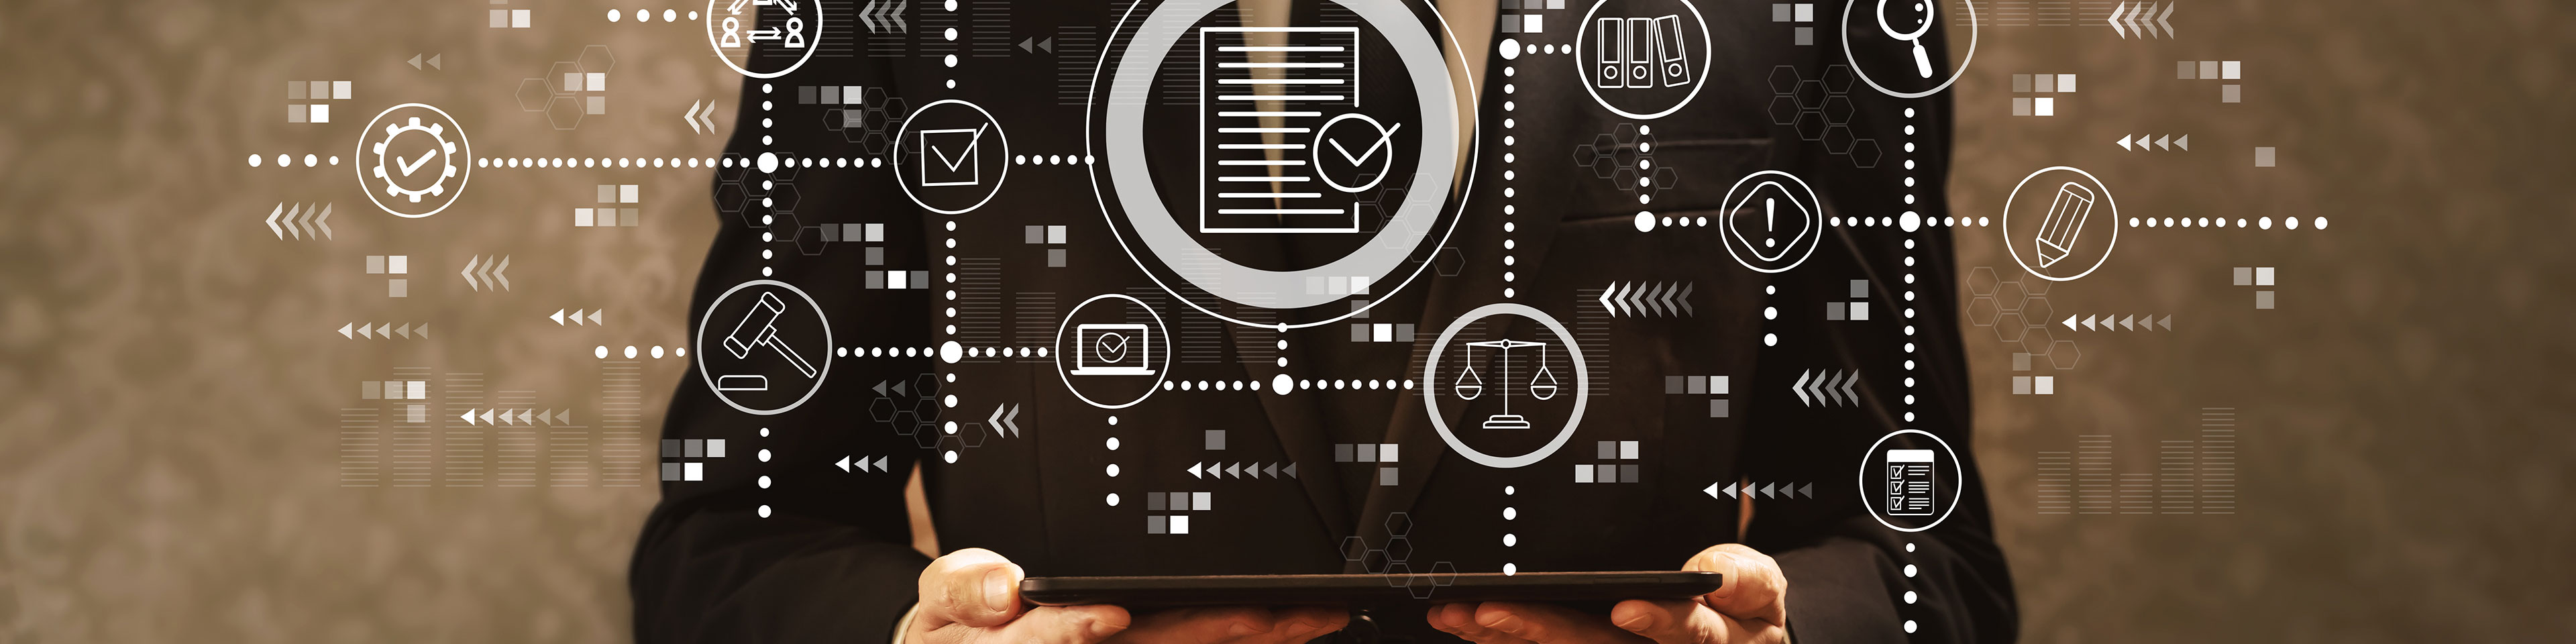 IFRS 9 – Xu hướng, Thách thức và Tác động đối với Hệ thống Ngân hàng Việt Nam